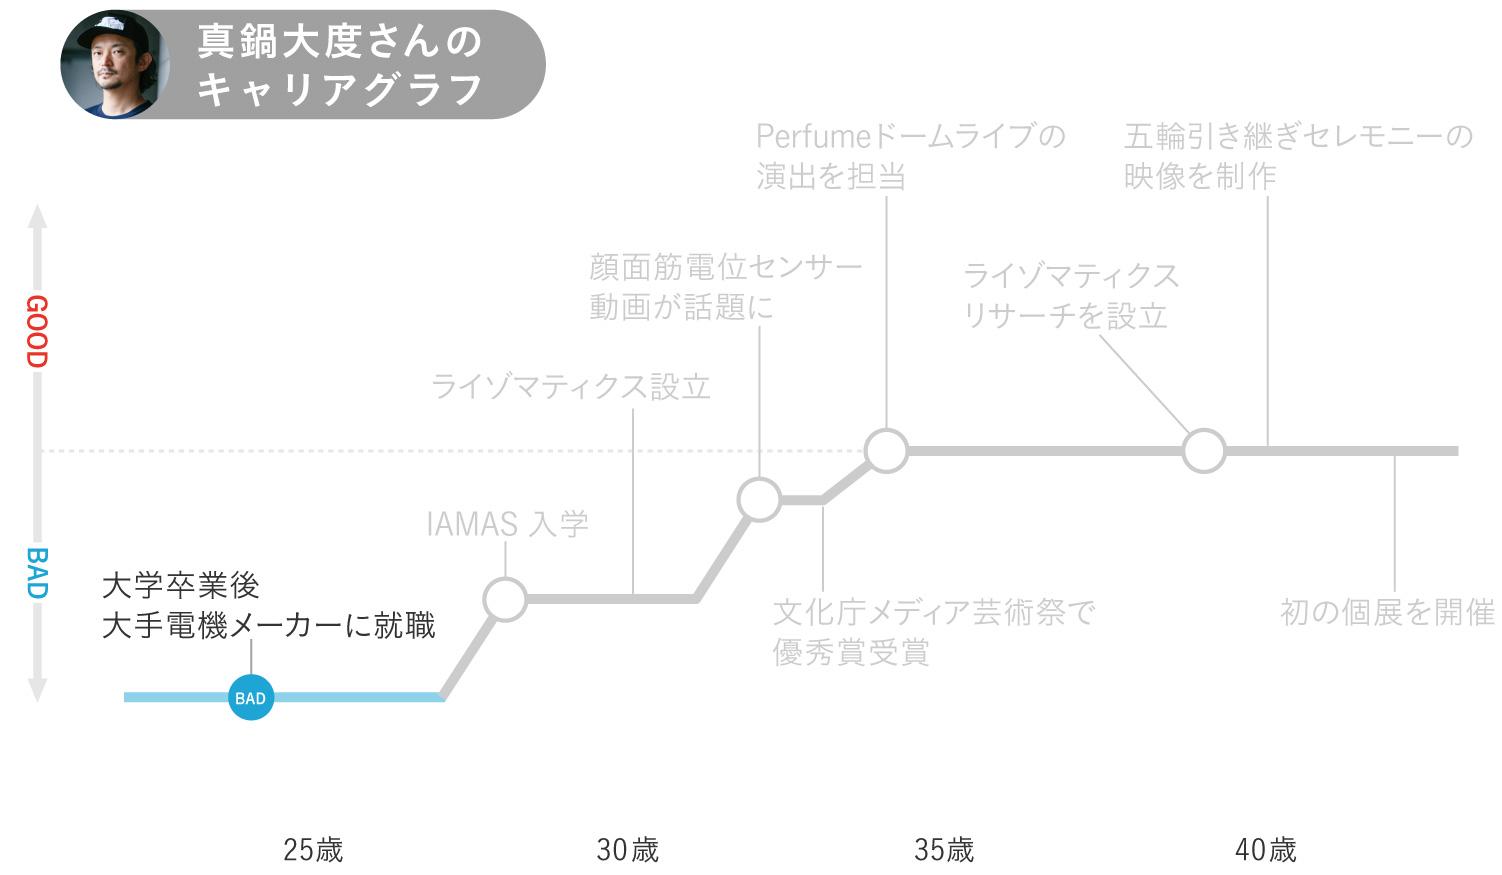 真鍋大度さんキャリアグラフ1